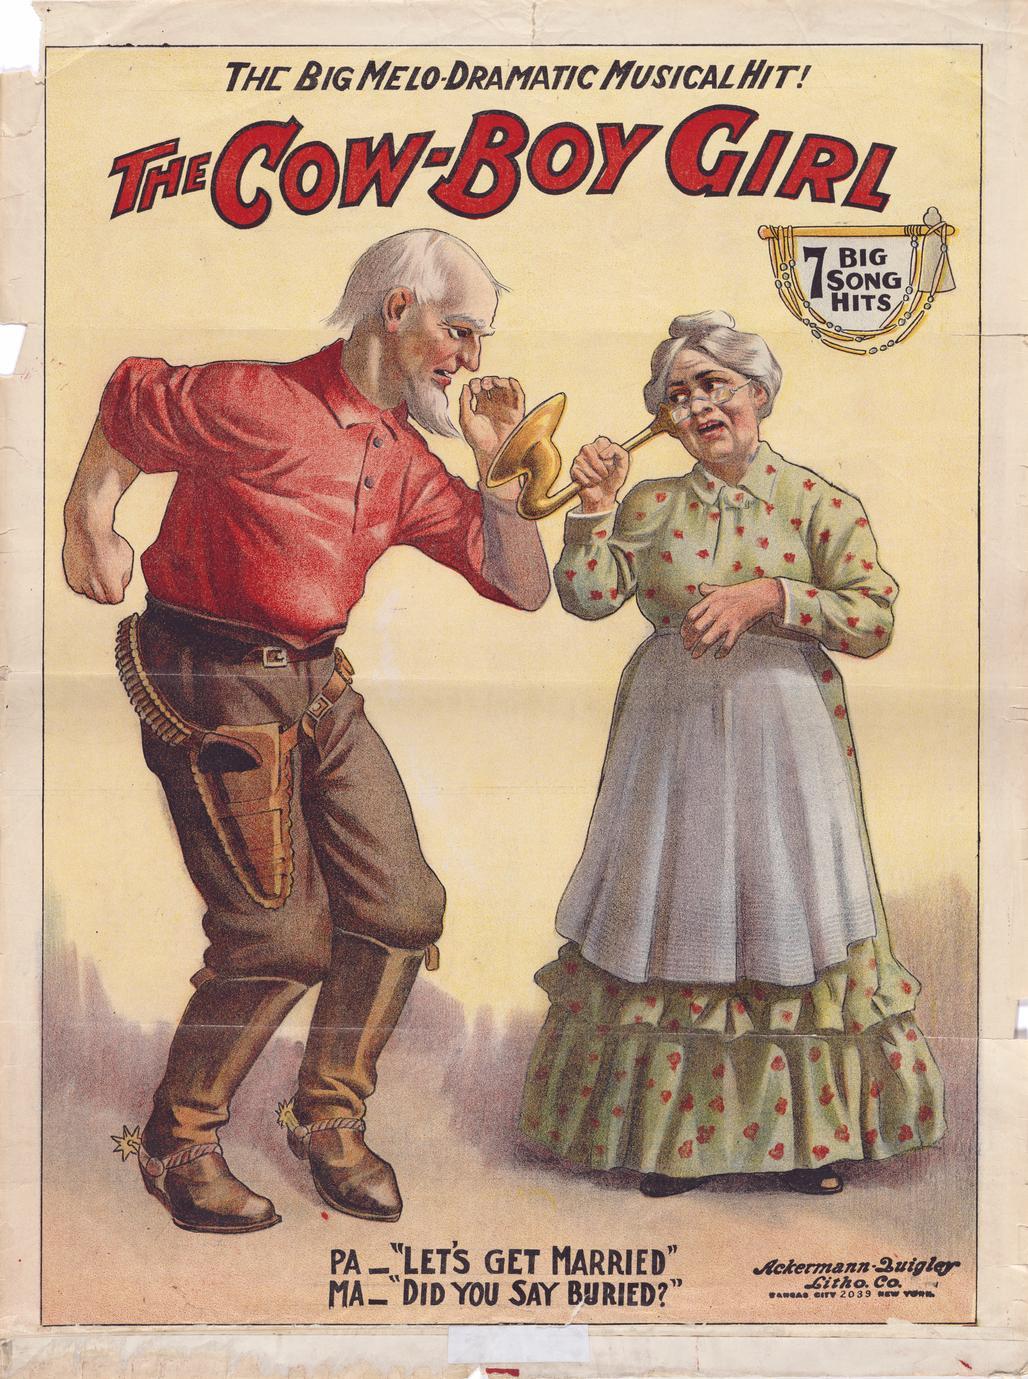 The Cow-boy Girl